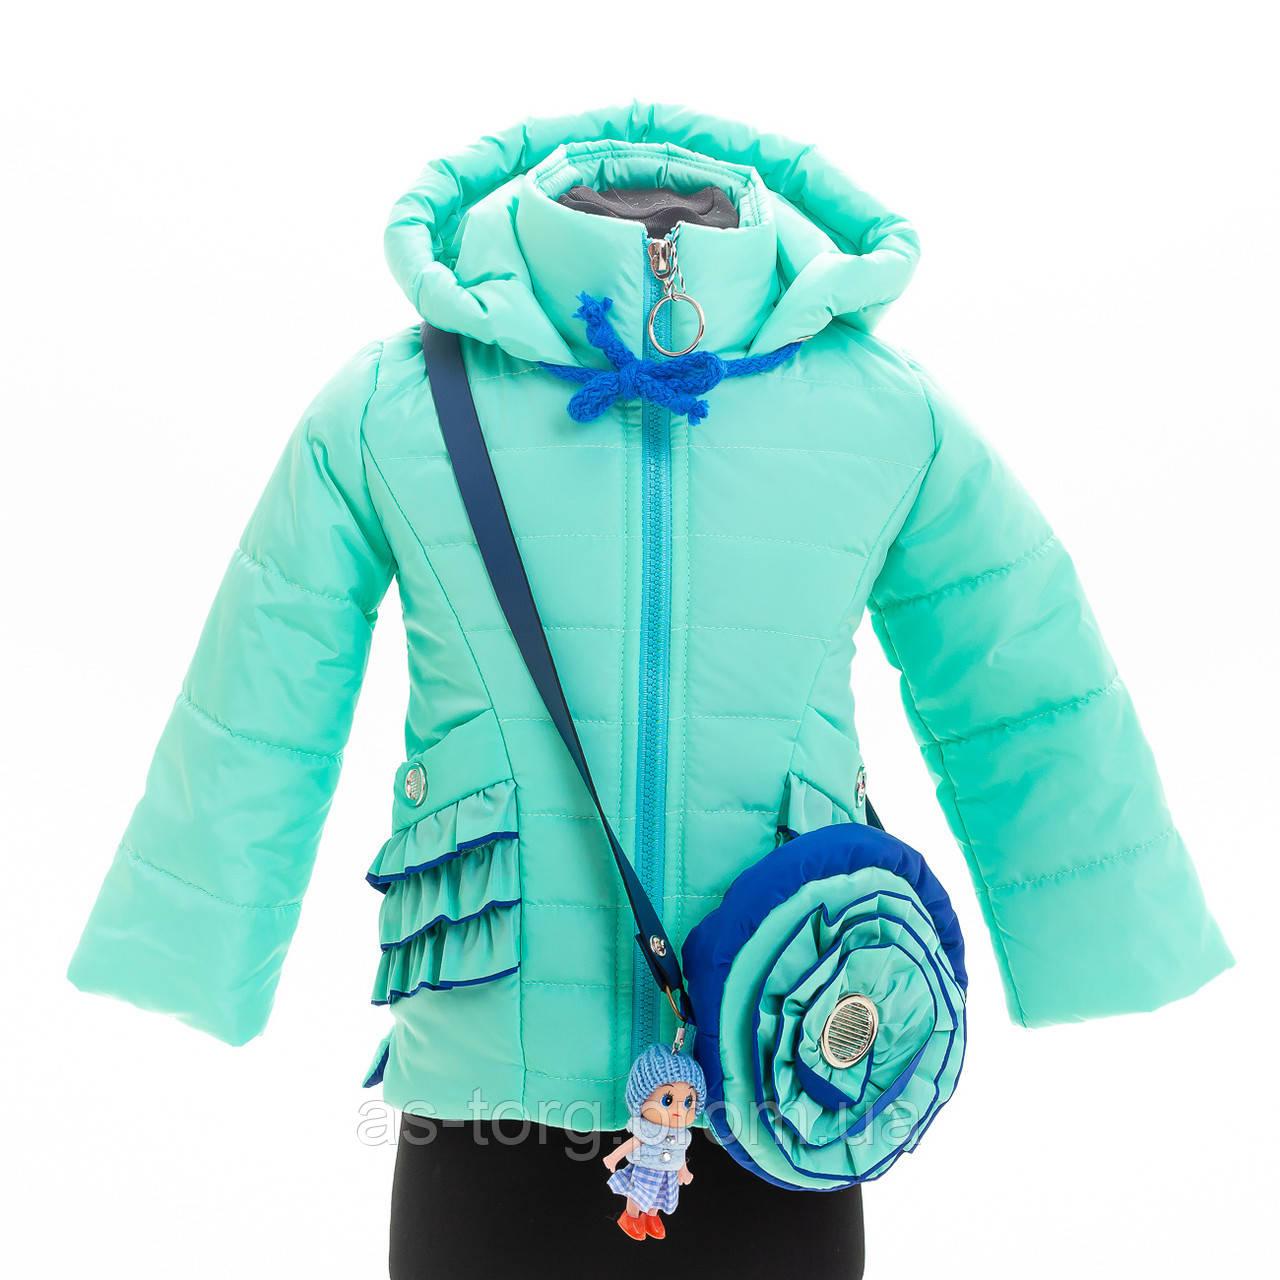 Куртка демисезонная для девочки «Алька»+сумка+брелок